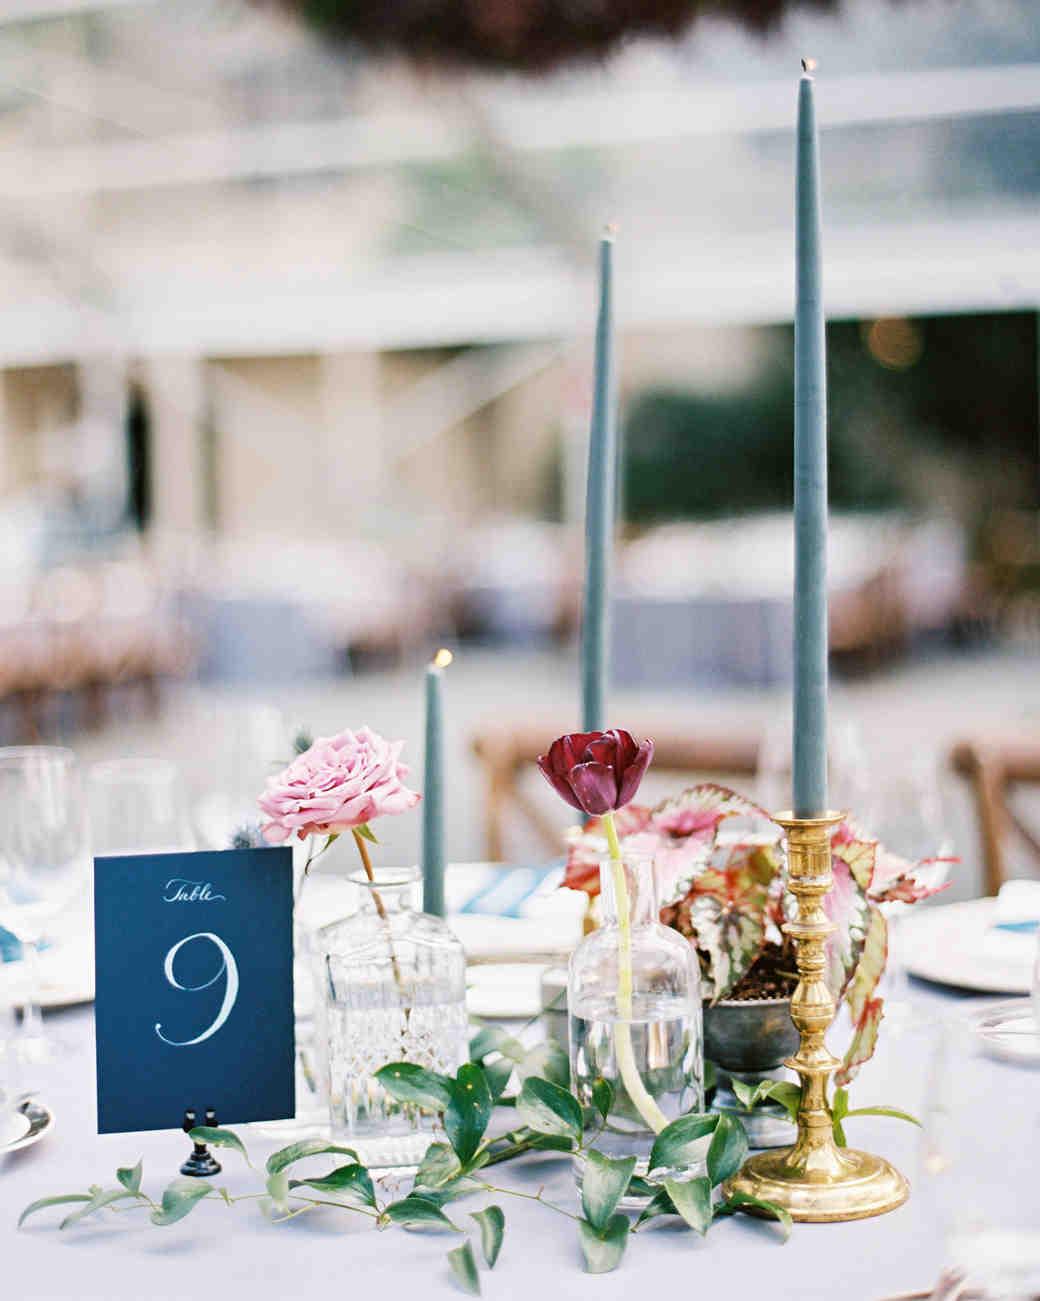 Nápady na číslovanie svadobných stolov - Obrázok č. 92